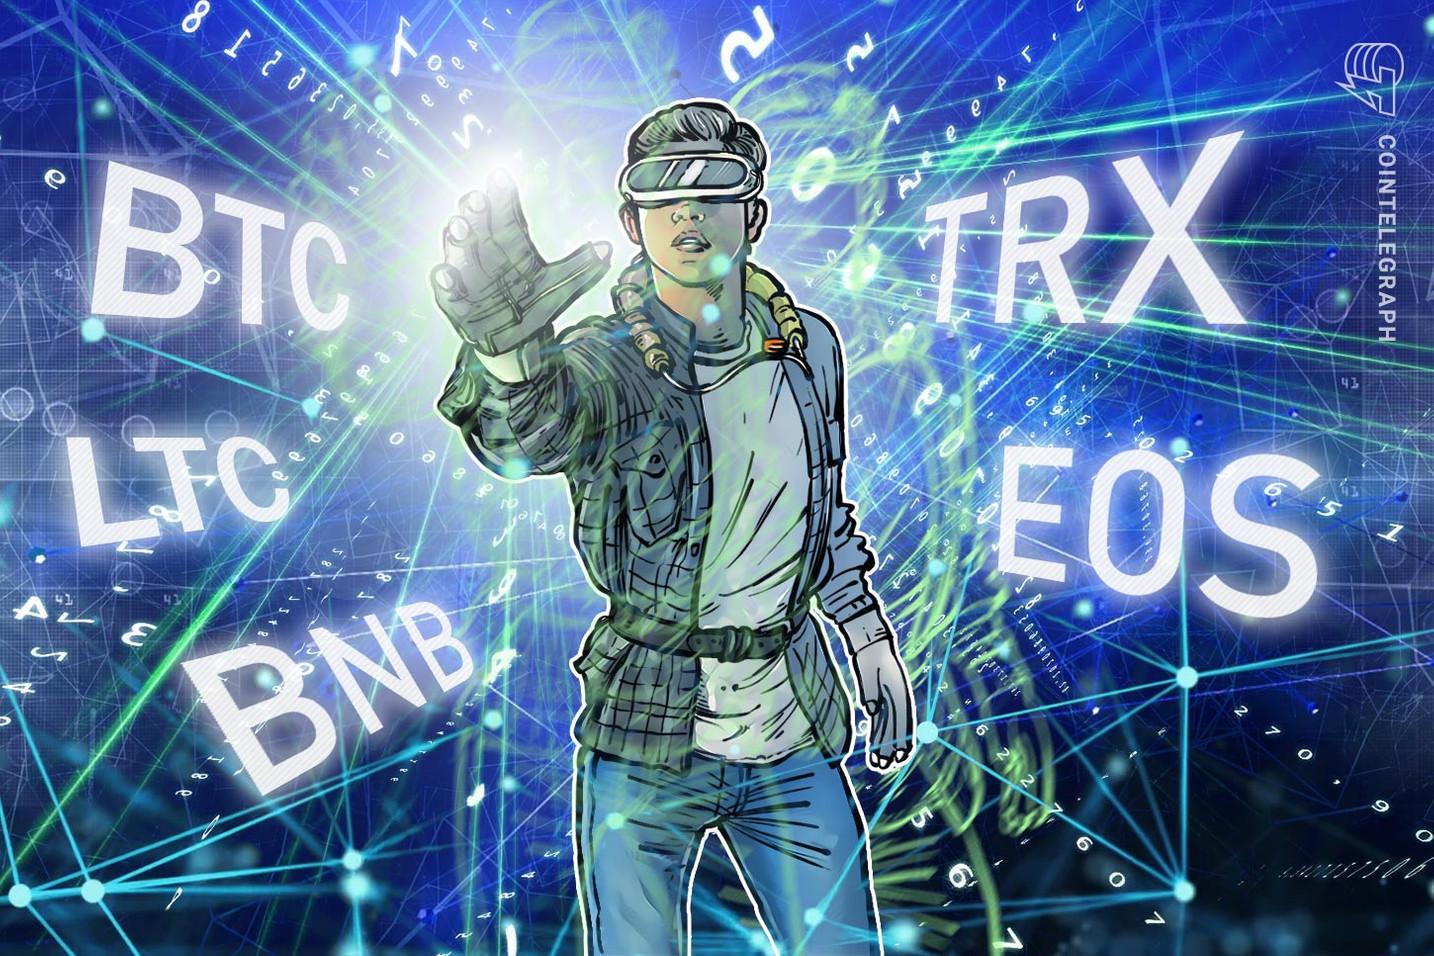 Revisión de las 5 principales criptomonedas: EOS, Binance Coin, TRON, Litecoin, Bitcoin